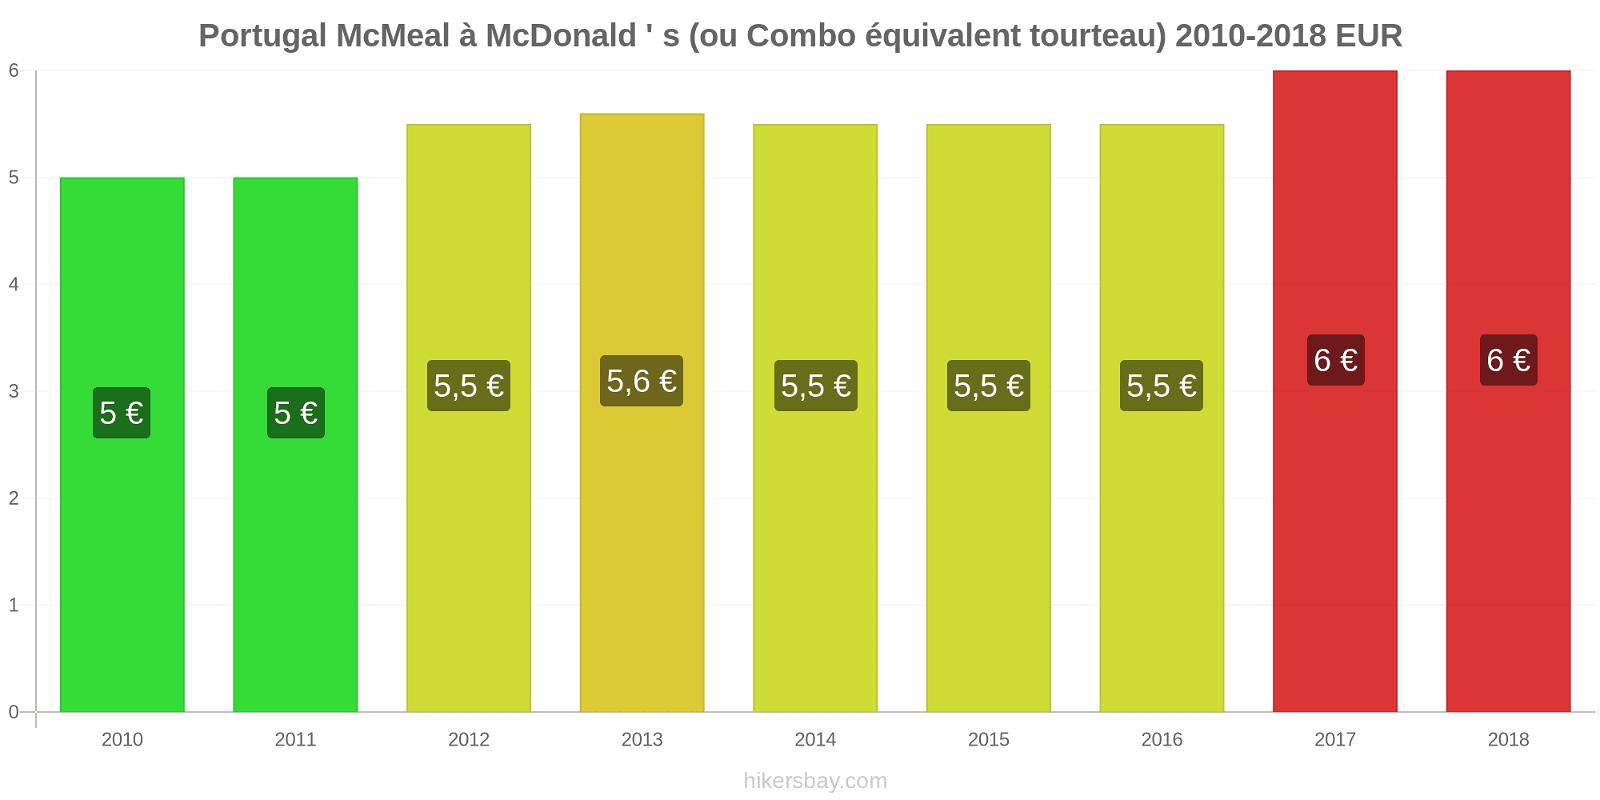 Portugal changements de prix McMeal à McDonald ' s (ou Combo équivalent tourteau) hikersbay.com